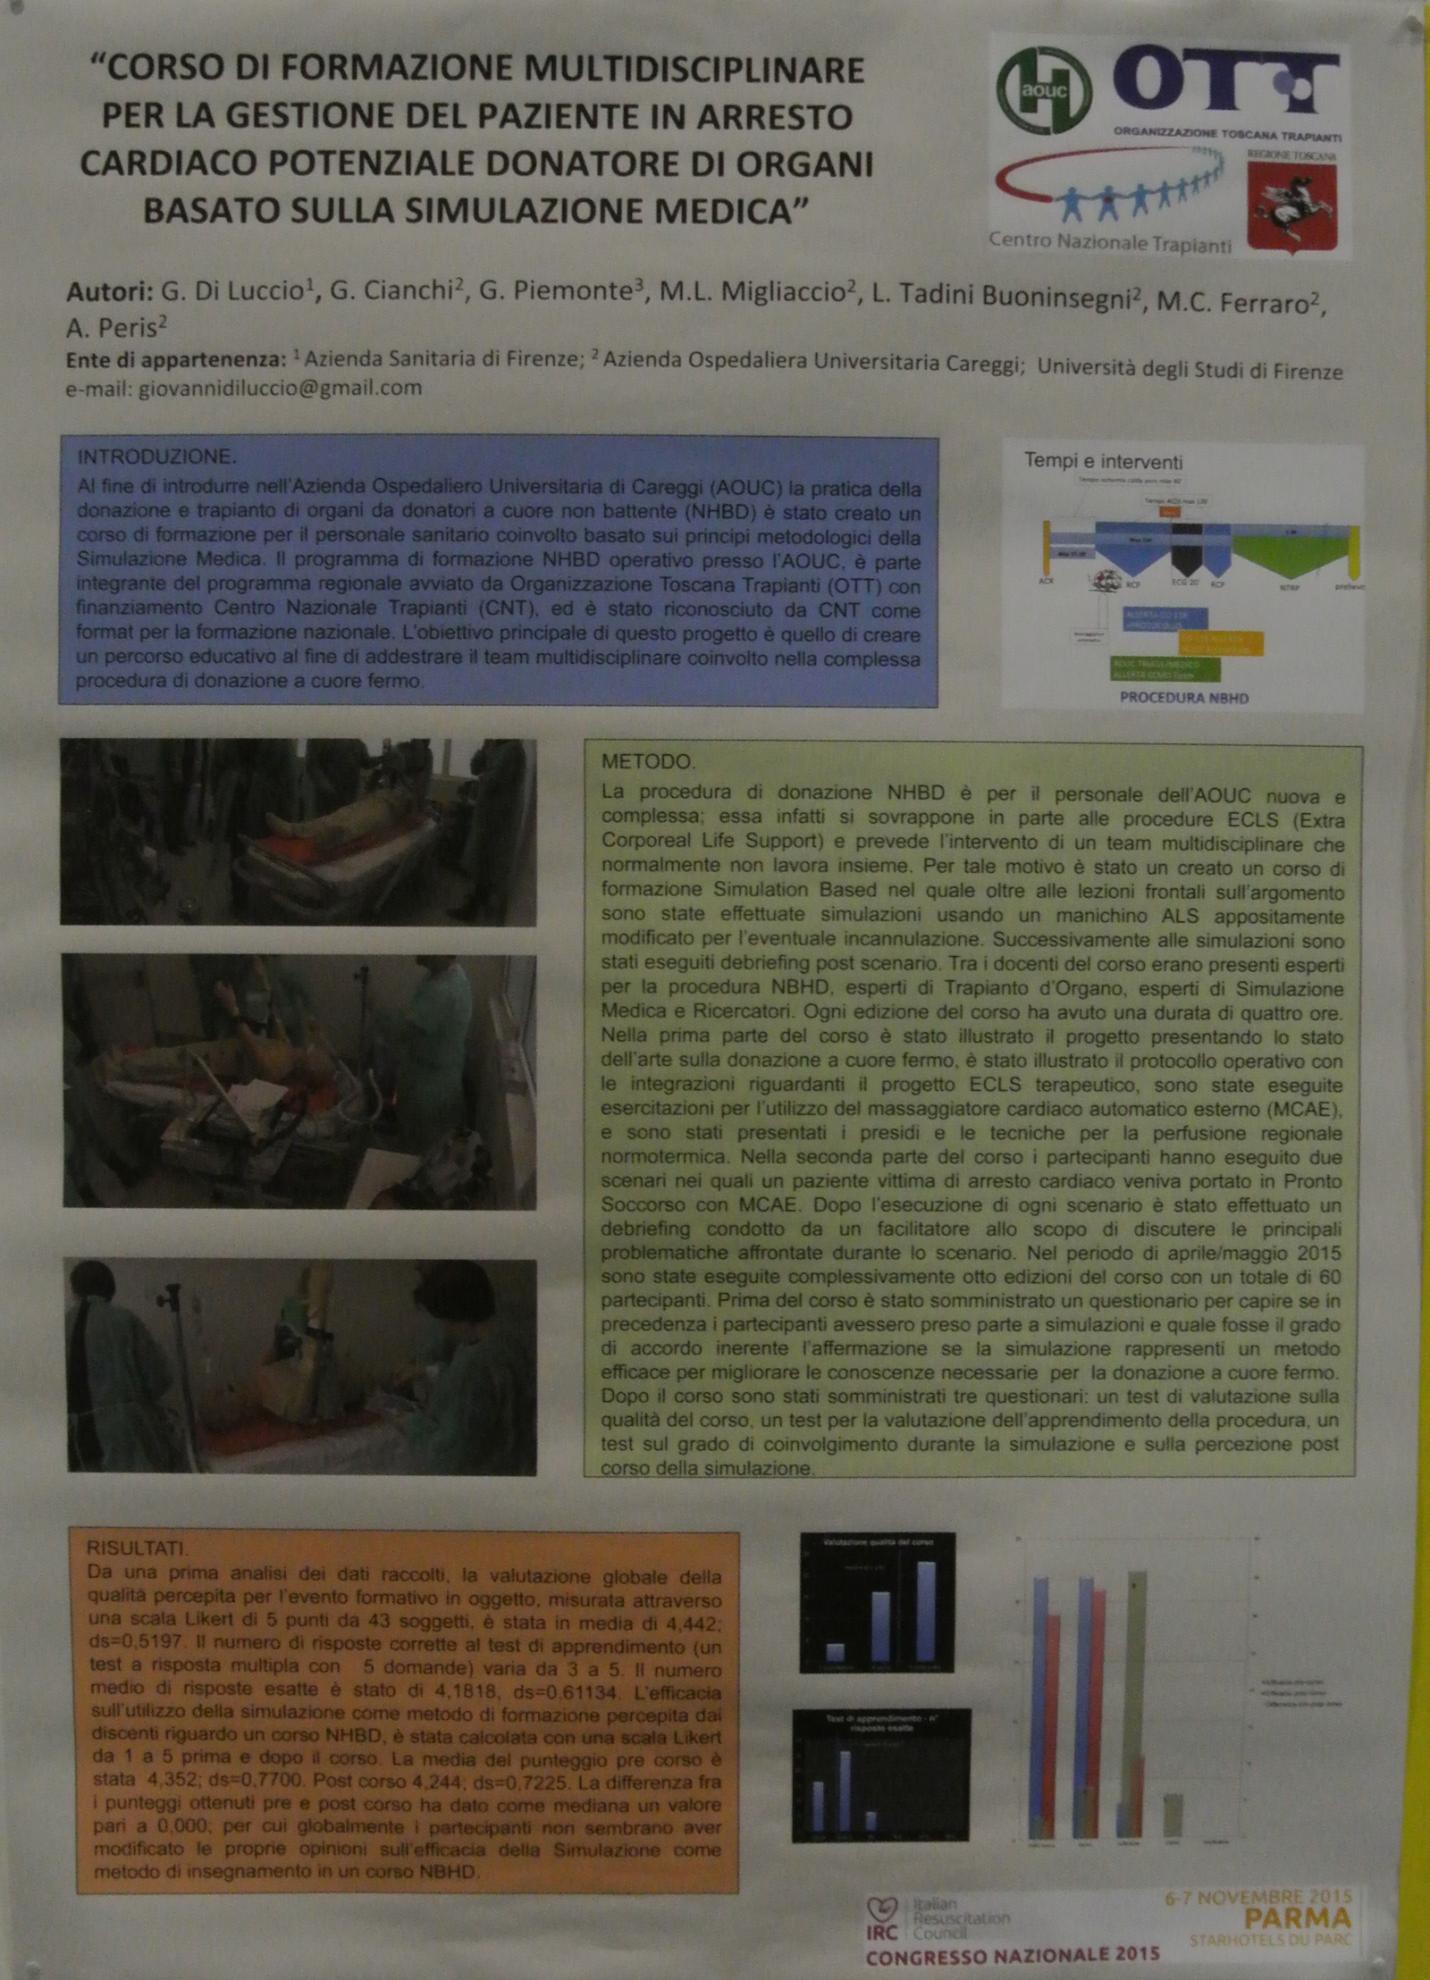 09-formazione-multi-gestione-paziente-ca-luccio-cianchi-piemonte-migliaccio-buoninsegni